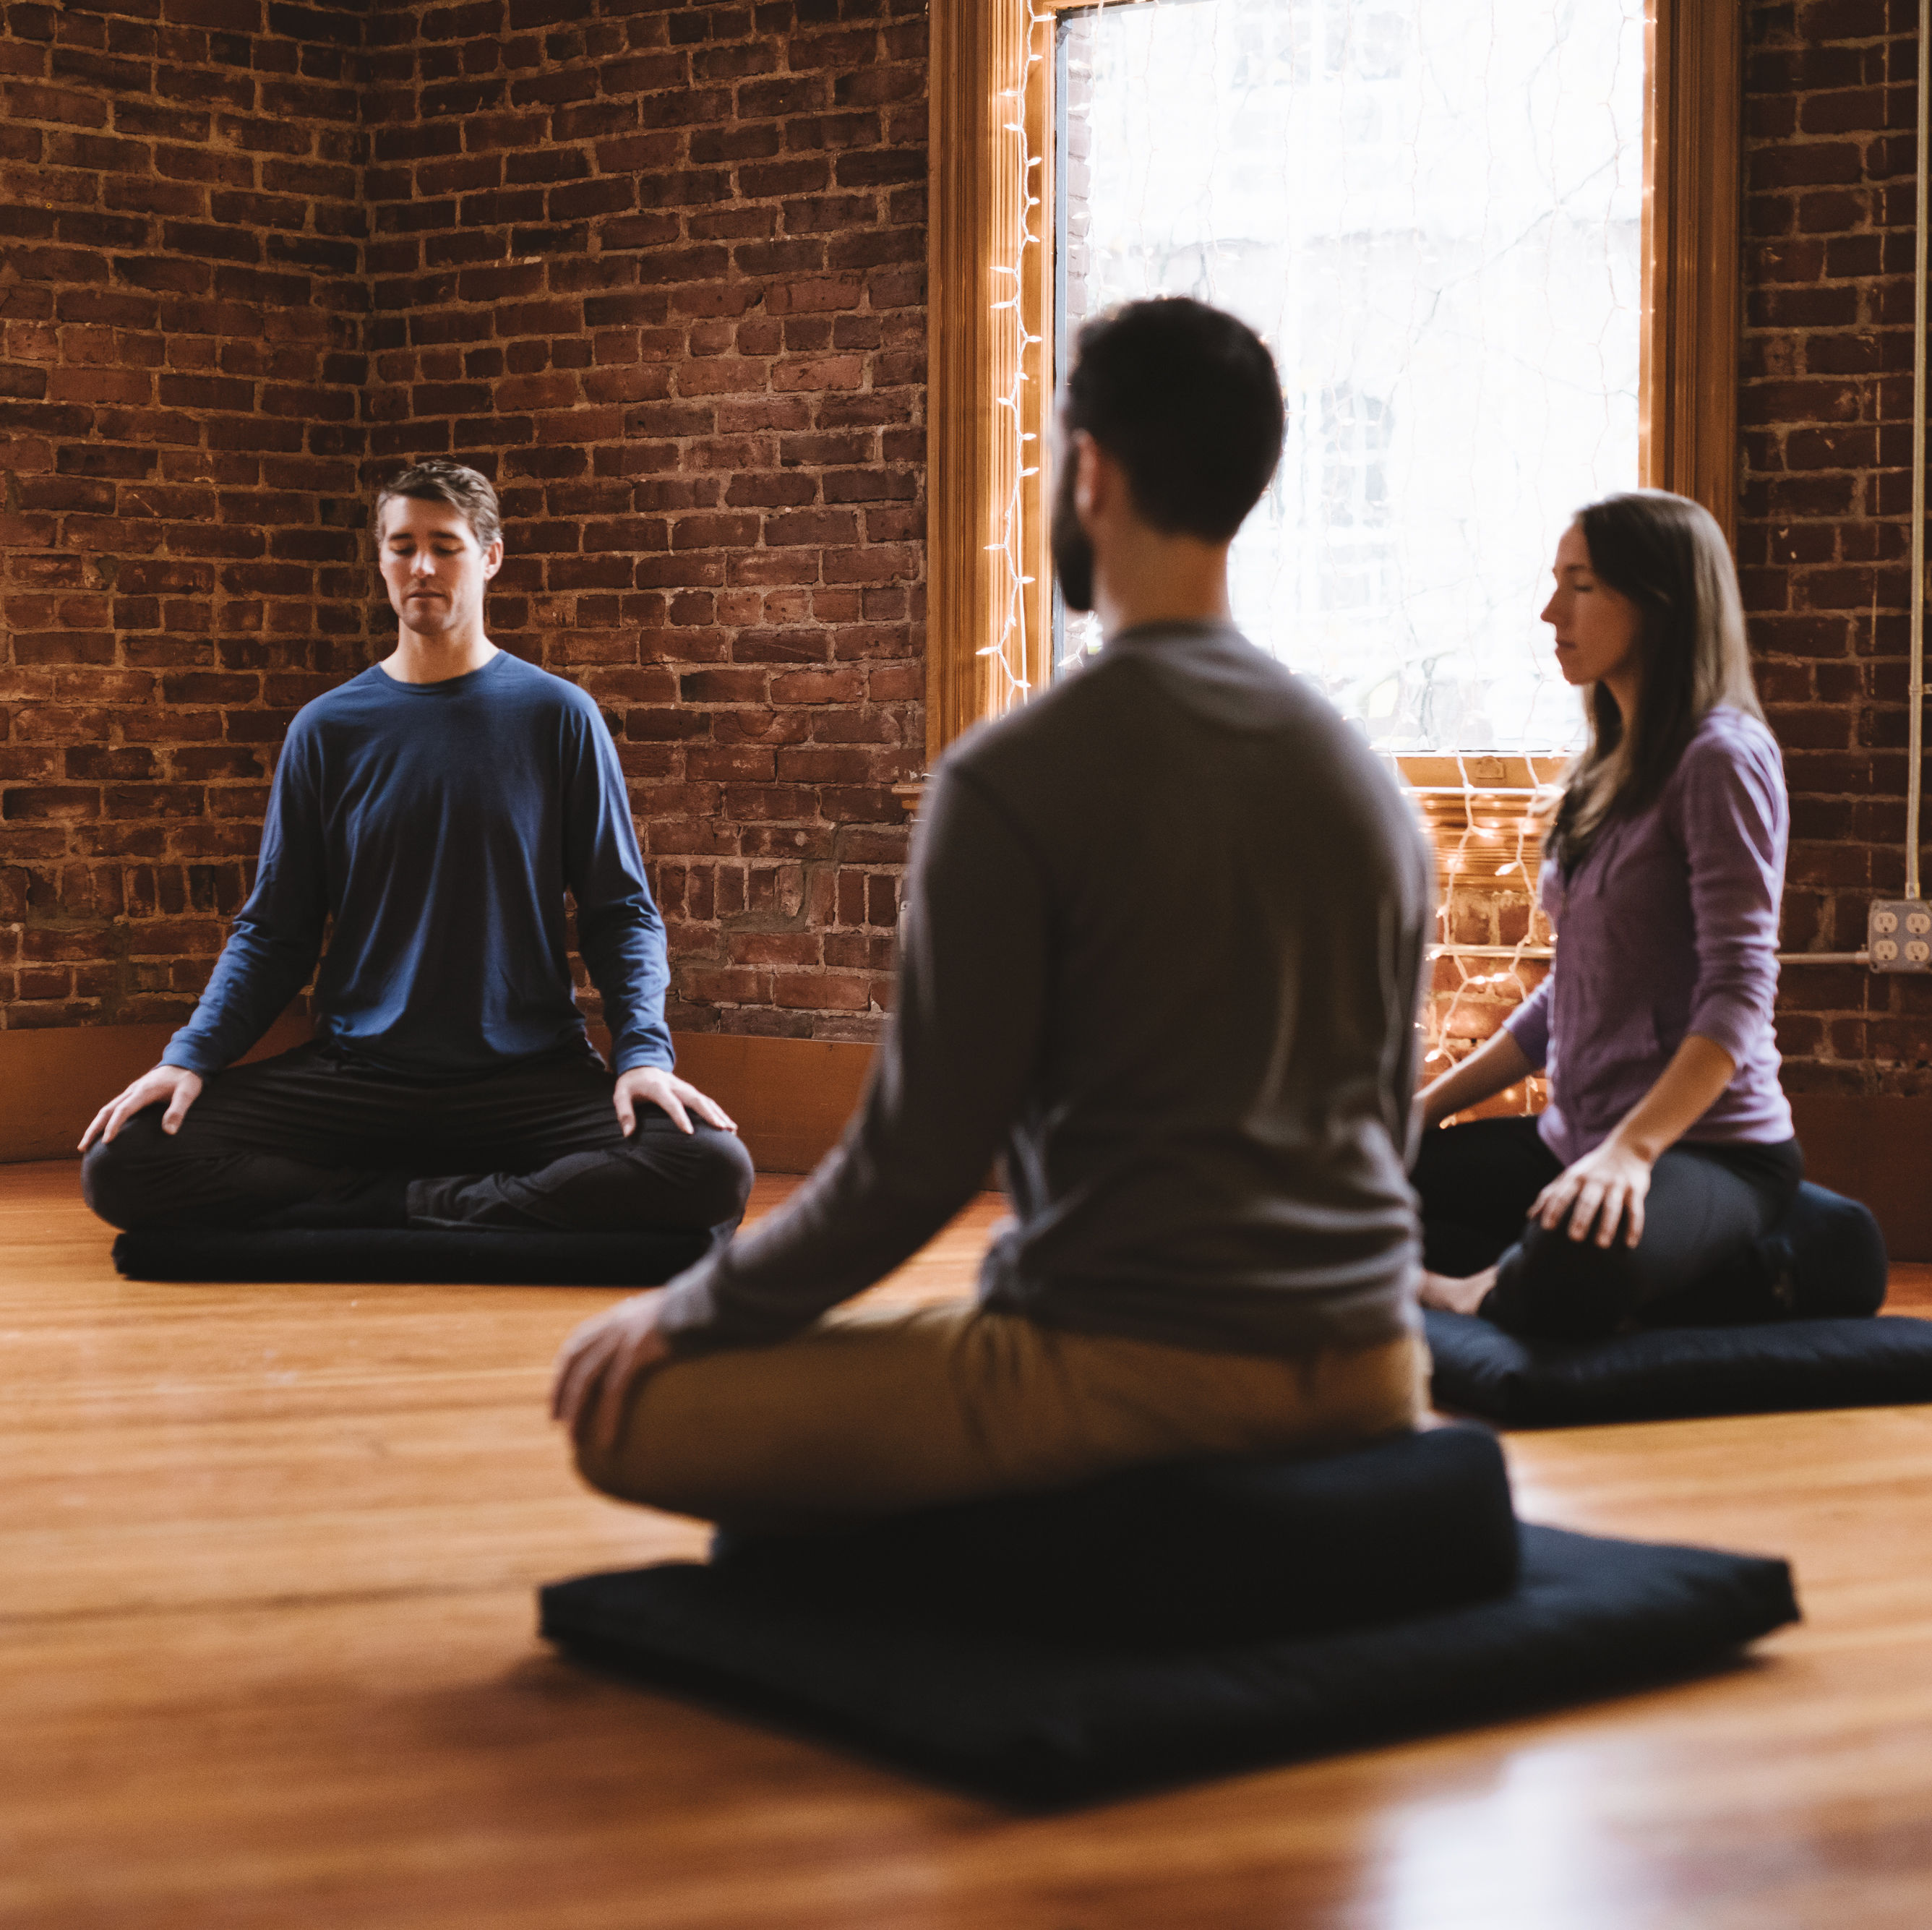 0118 fitness pause meditation igbdju